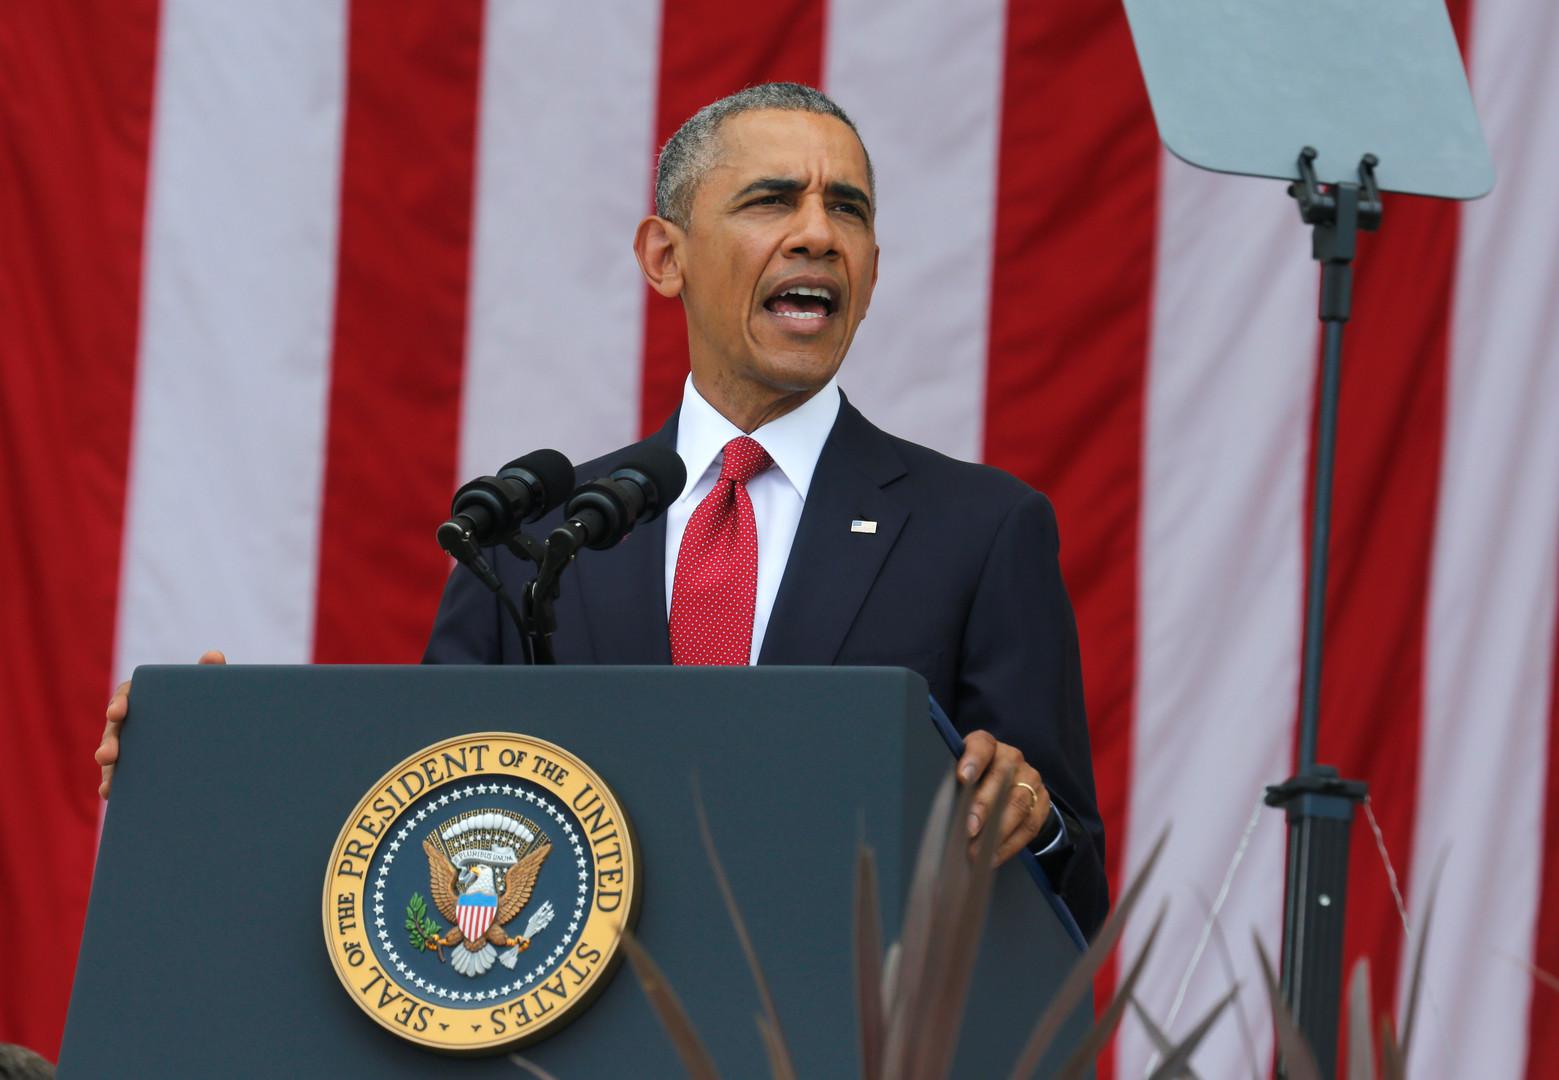 ИГ, российская угроза и брексит: Барак Обама назвал главные вопросы саммита НАТО